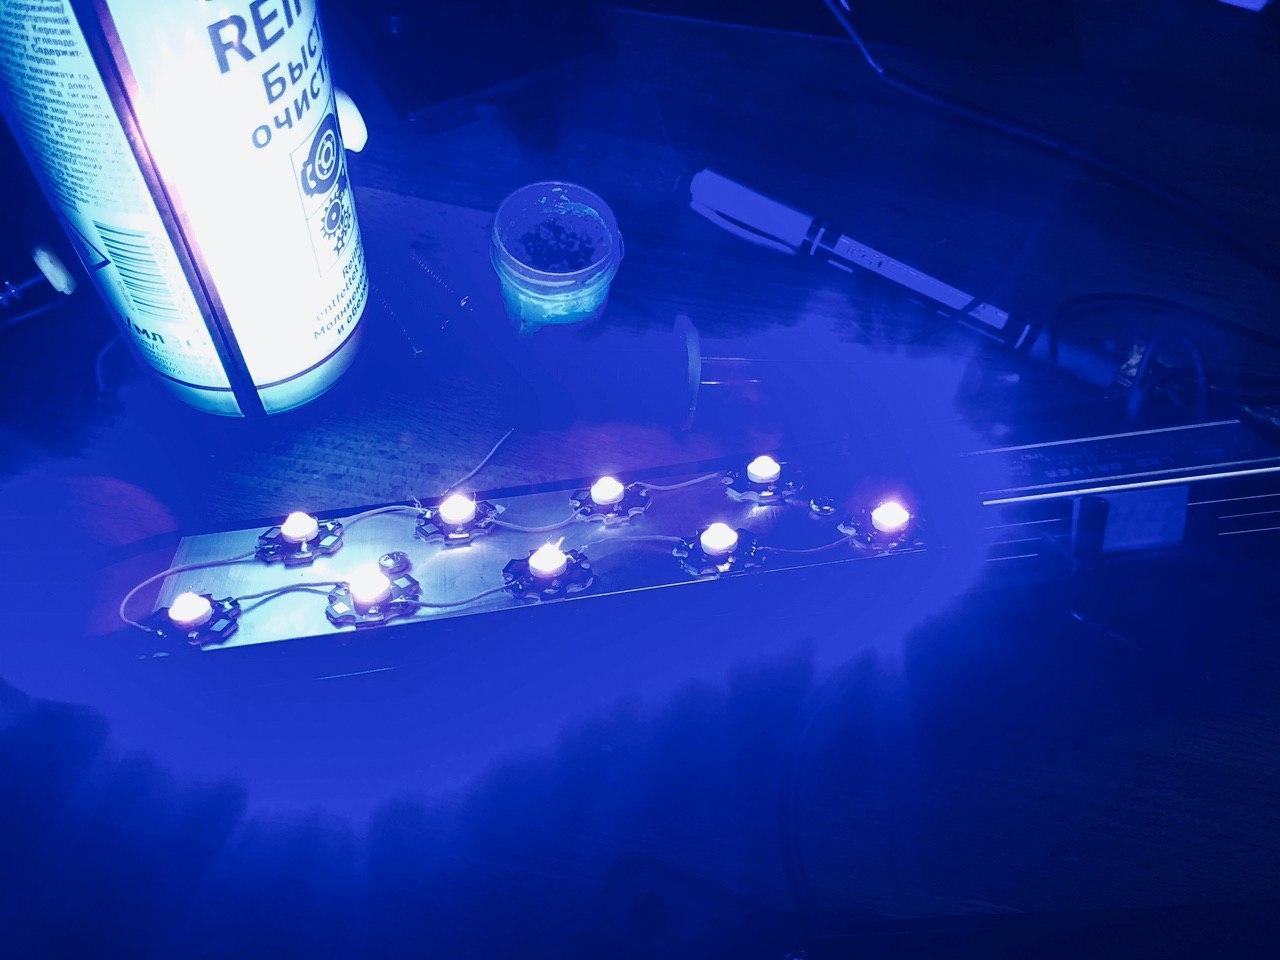 Экспресс UV лампа своими руками 400-405 нм для полимеризации 3D фотополимерных моделей - 19